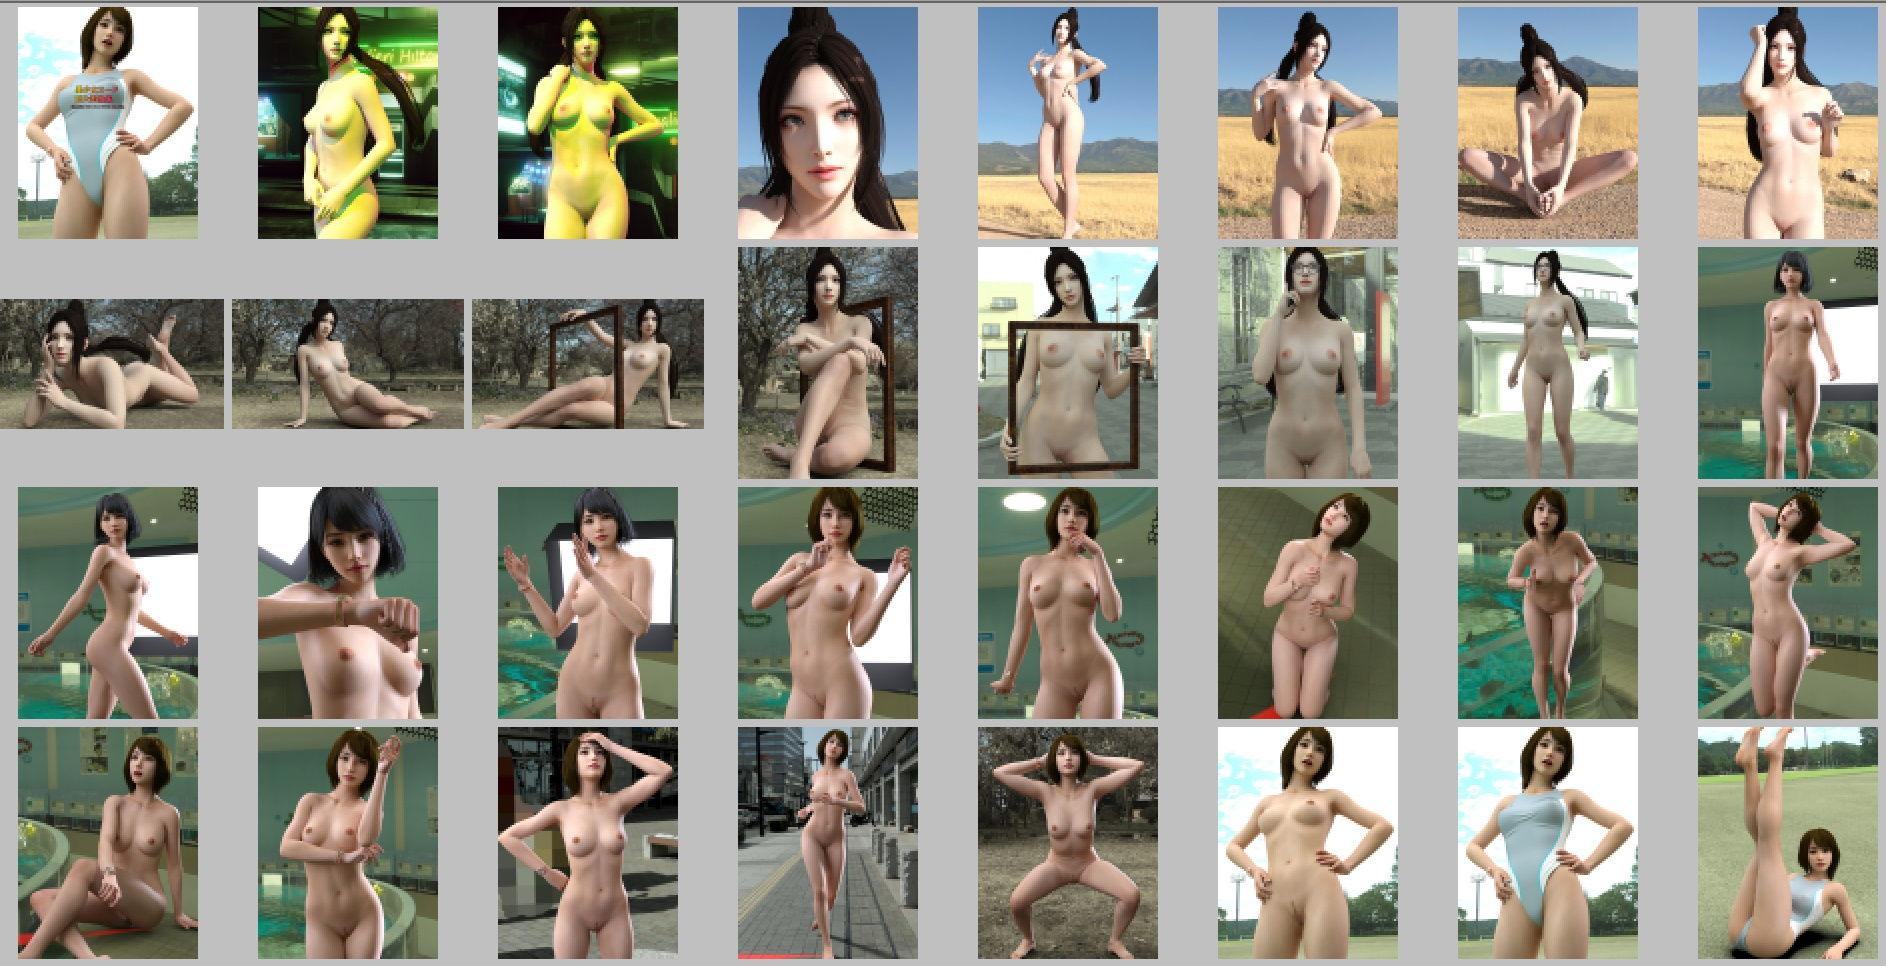 美少女ヌード巨大画像集98P エロ画像